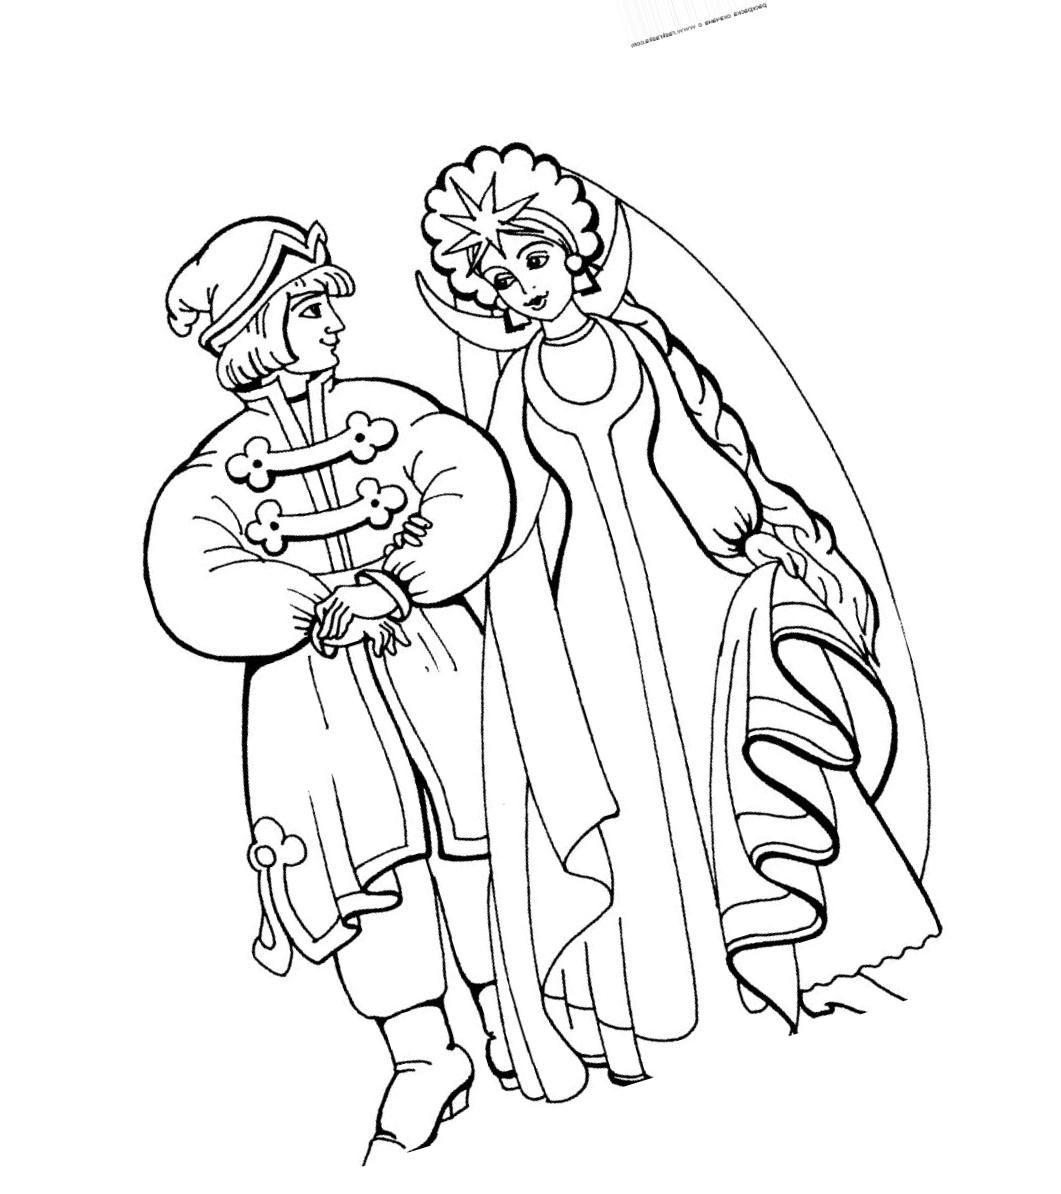 Картинки из сказок пушкина раскраски распечатать